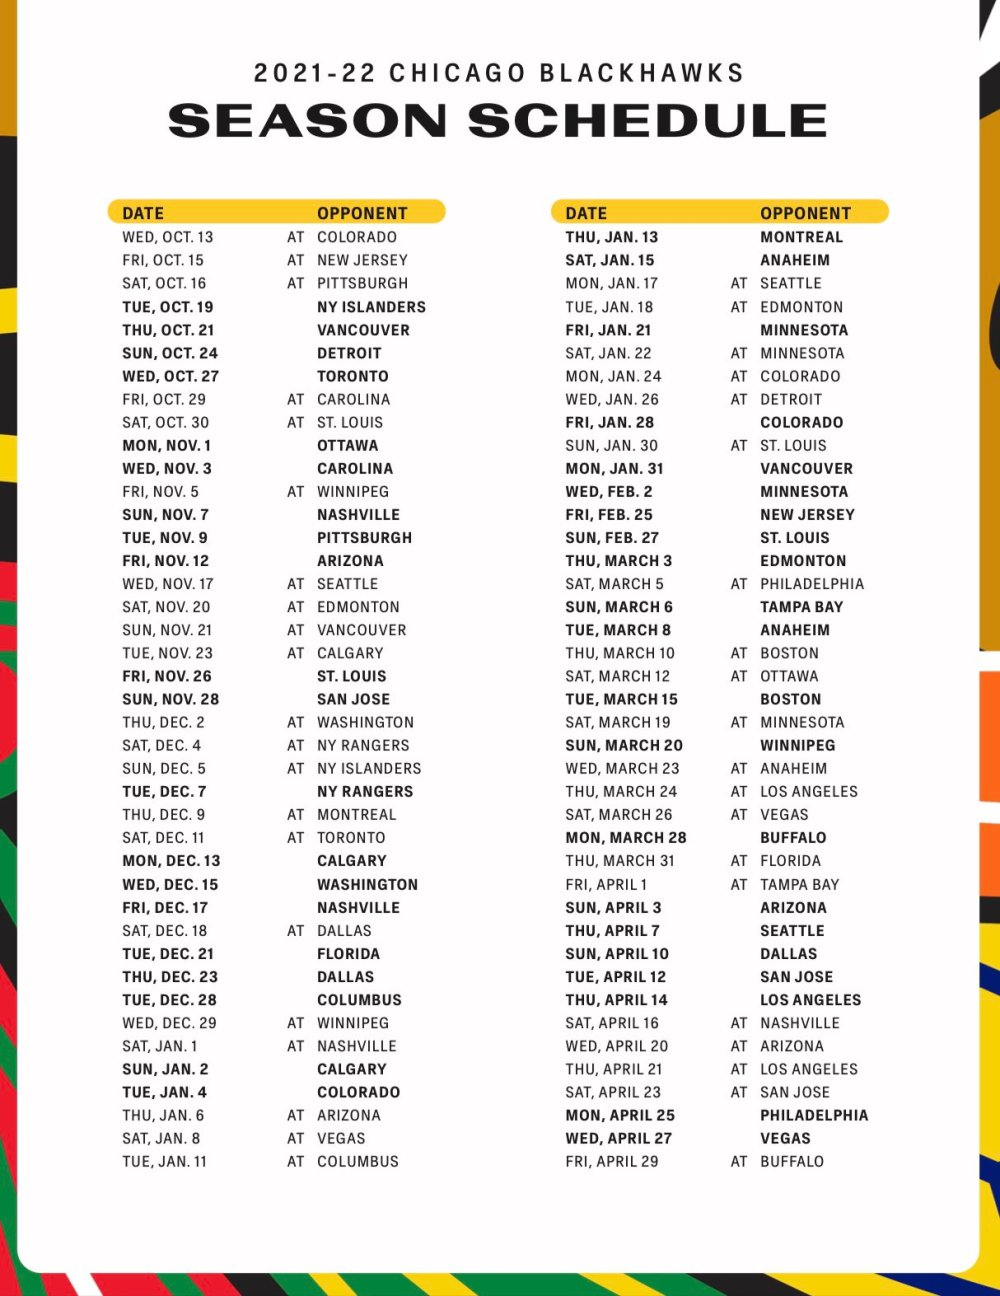 Chicago Blackhawks 2021-22 Schedule